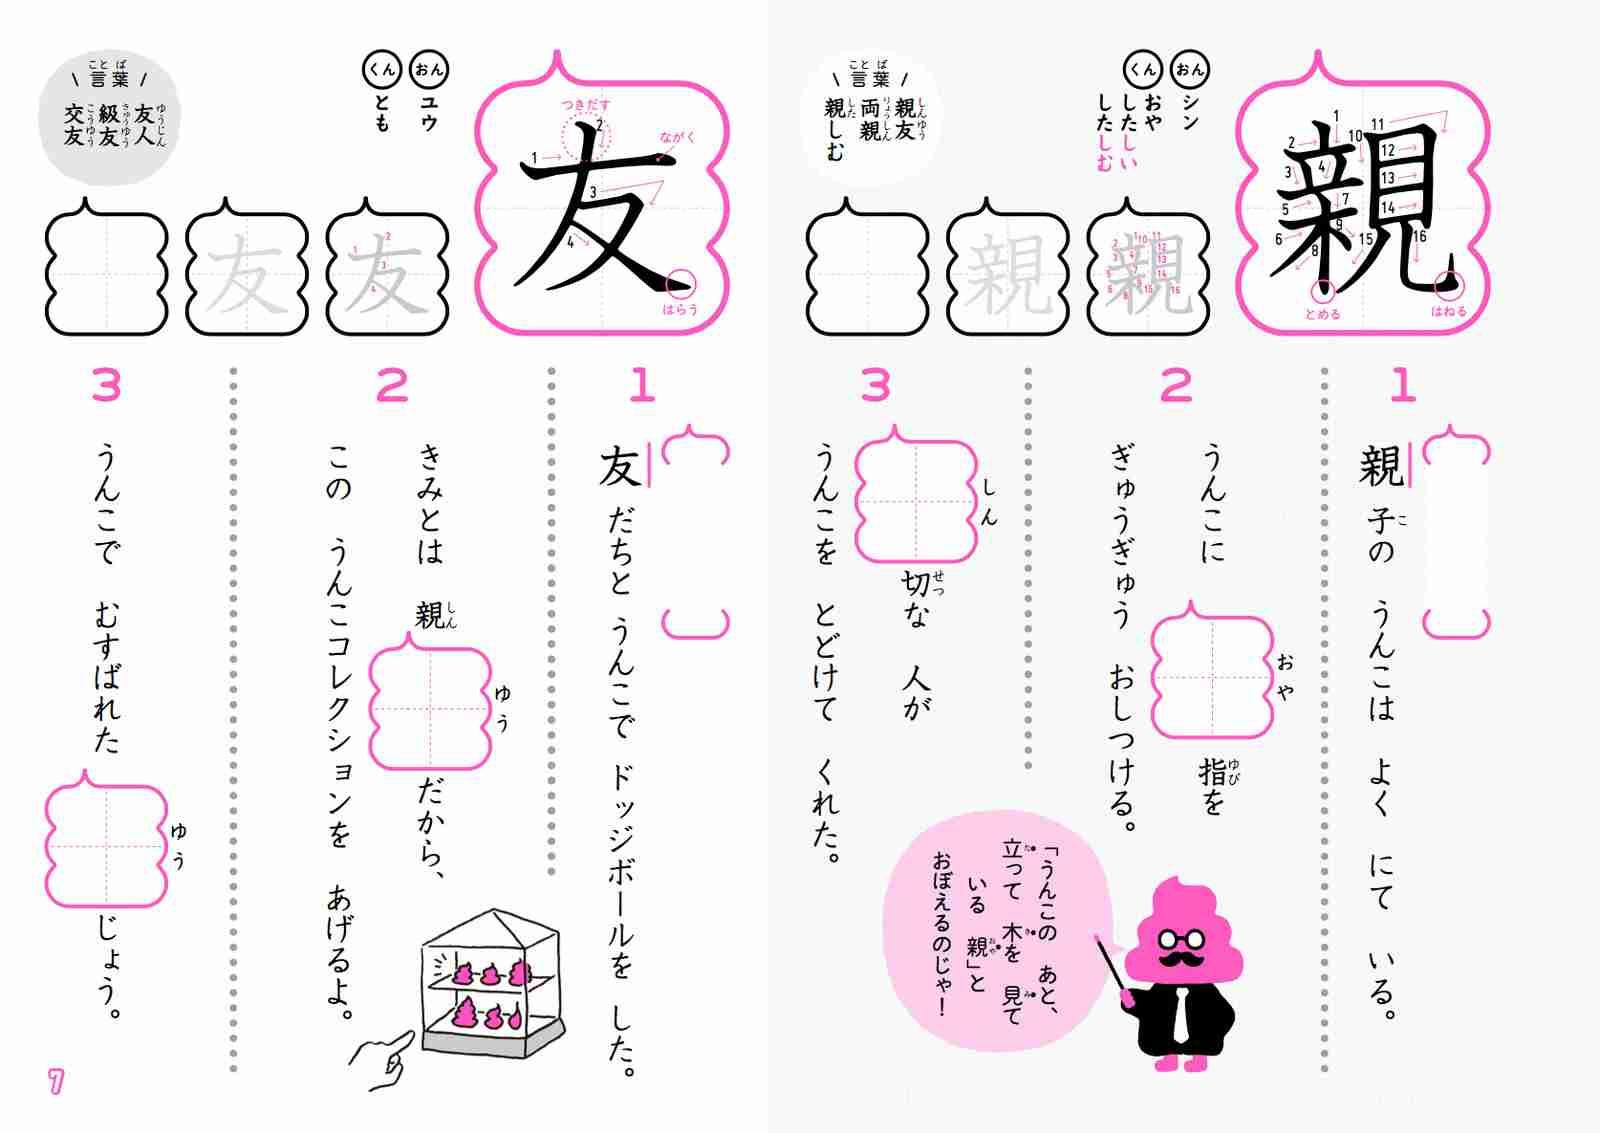 """あの「うんこ漢字ドリル」がお菓子になったよ! うんこ先生と""""べん強""""できるグミとソフトキャンディー発売"""